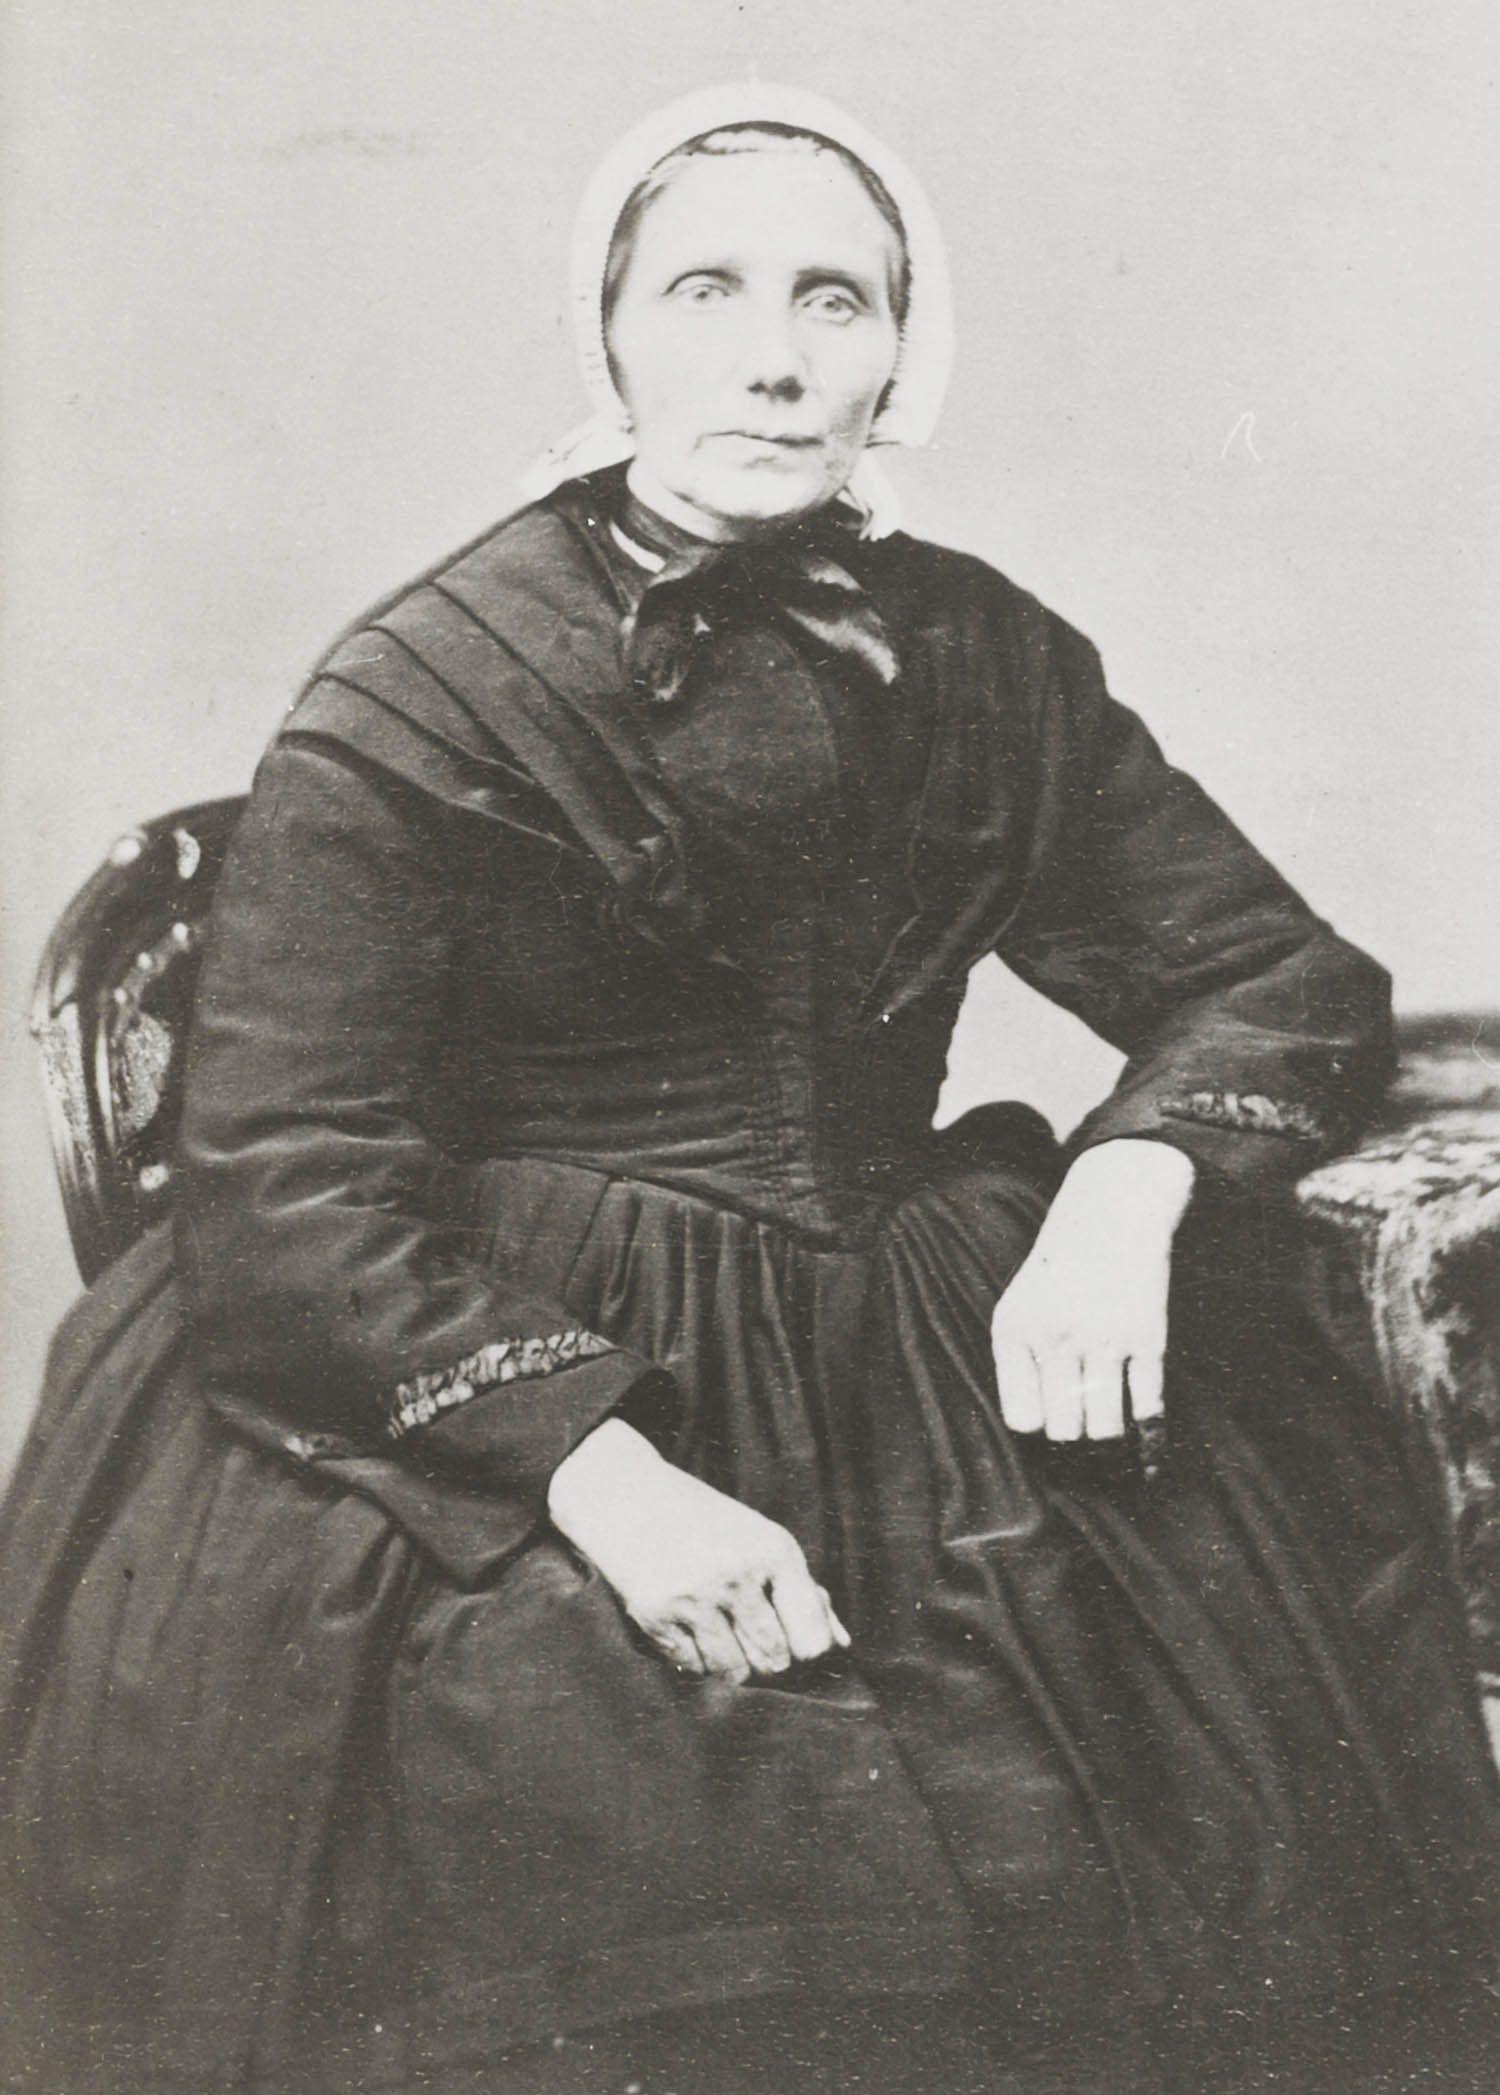 Vrouw in streekdracht uit de Alblasserwaard. 1875